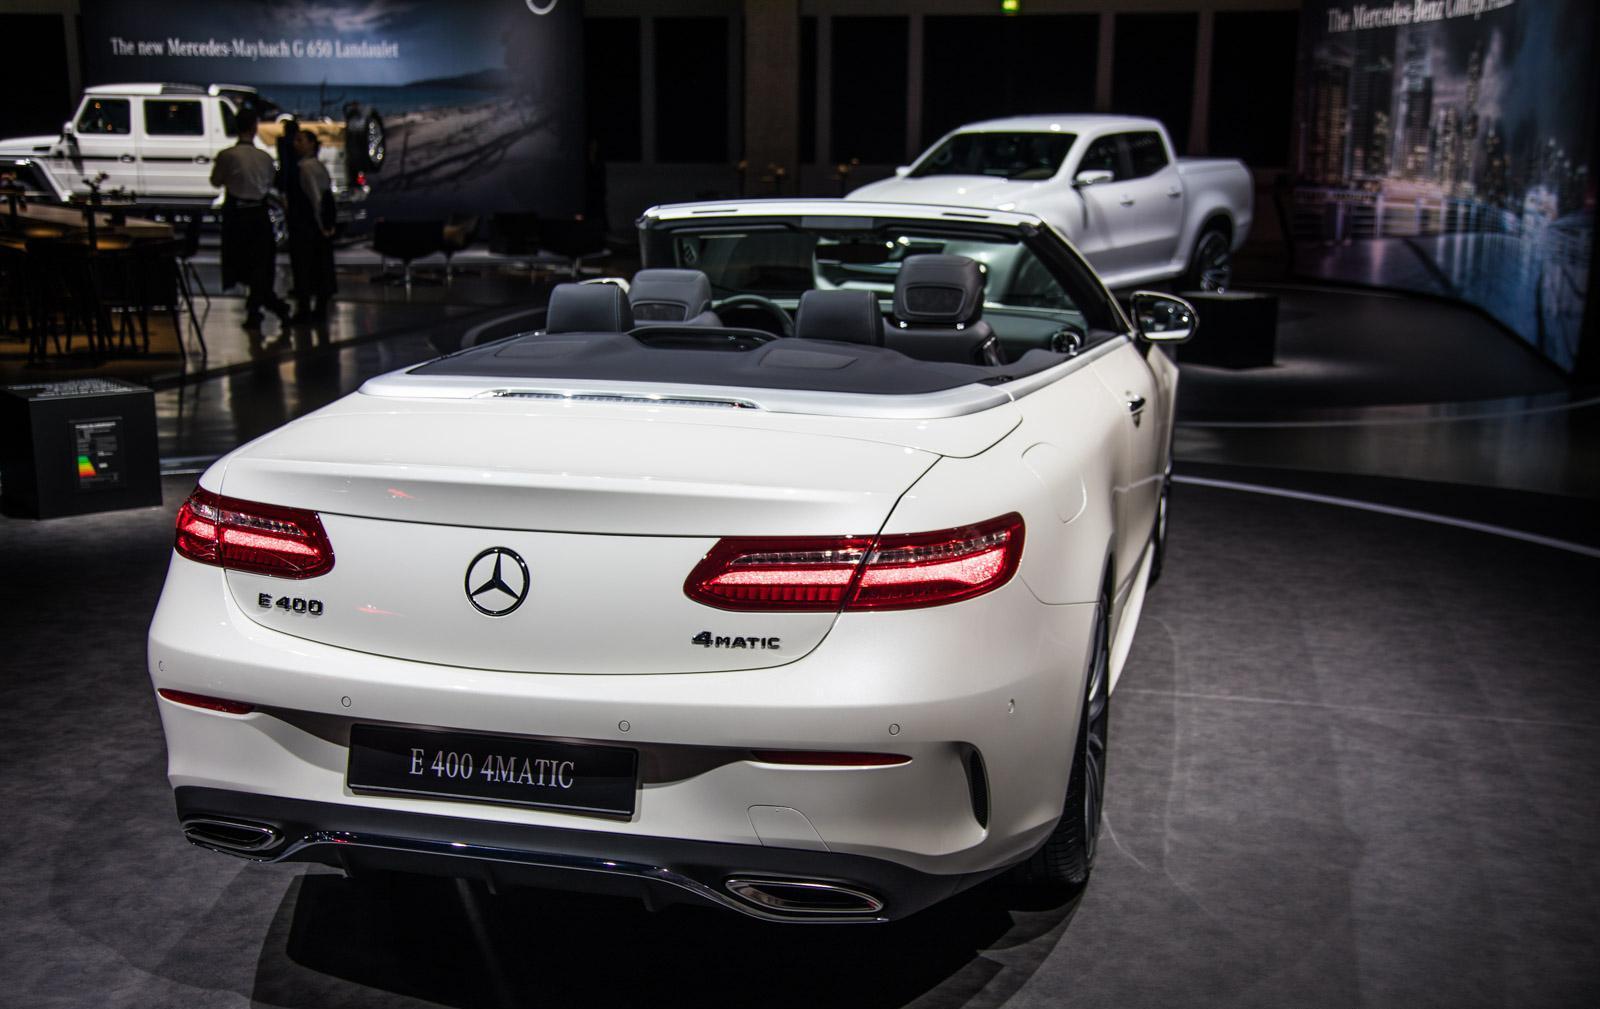 Mercedes_E400_Cabriolet_007